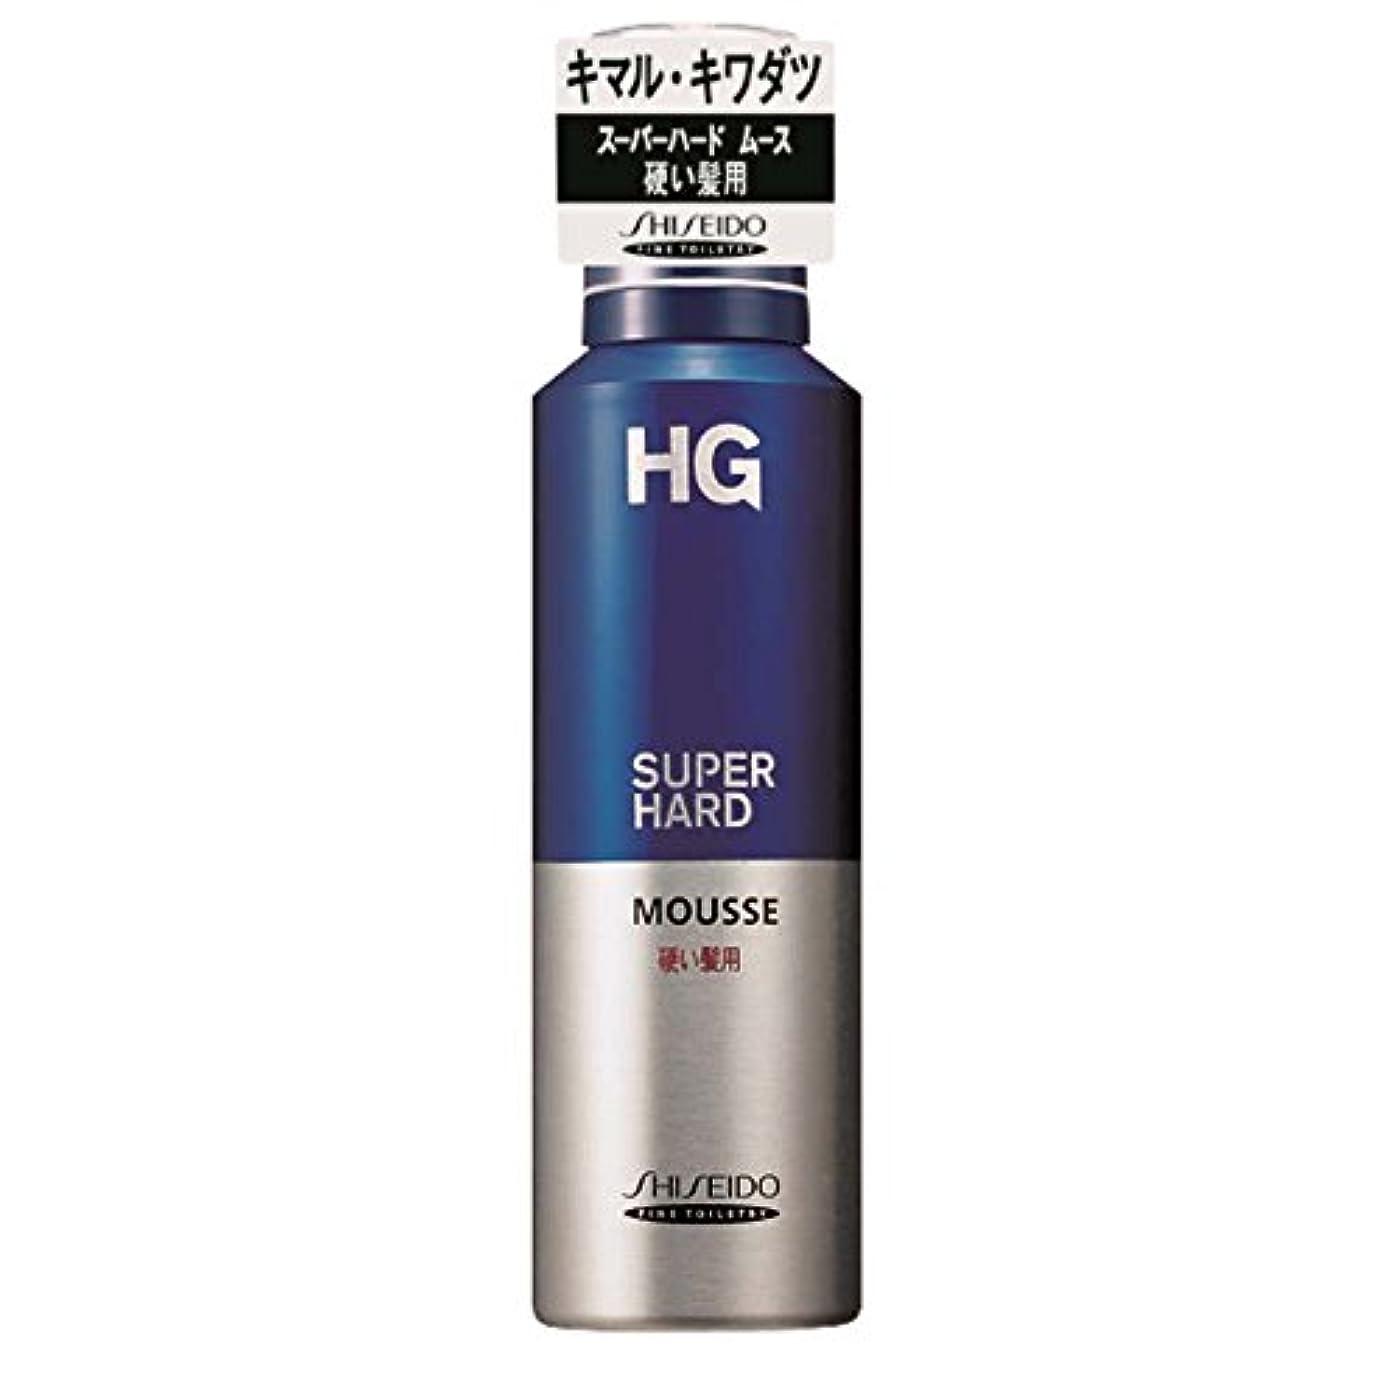 プレフィックス特殊有料HG スーパーハード ムース 硬い髪用 180g